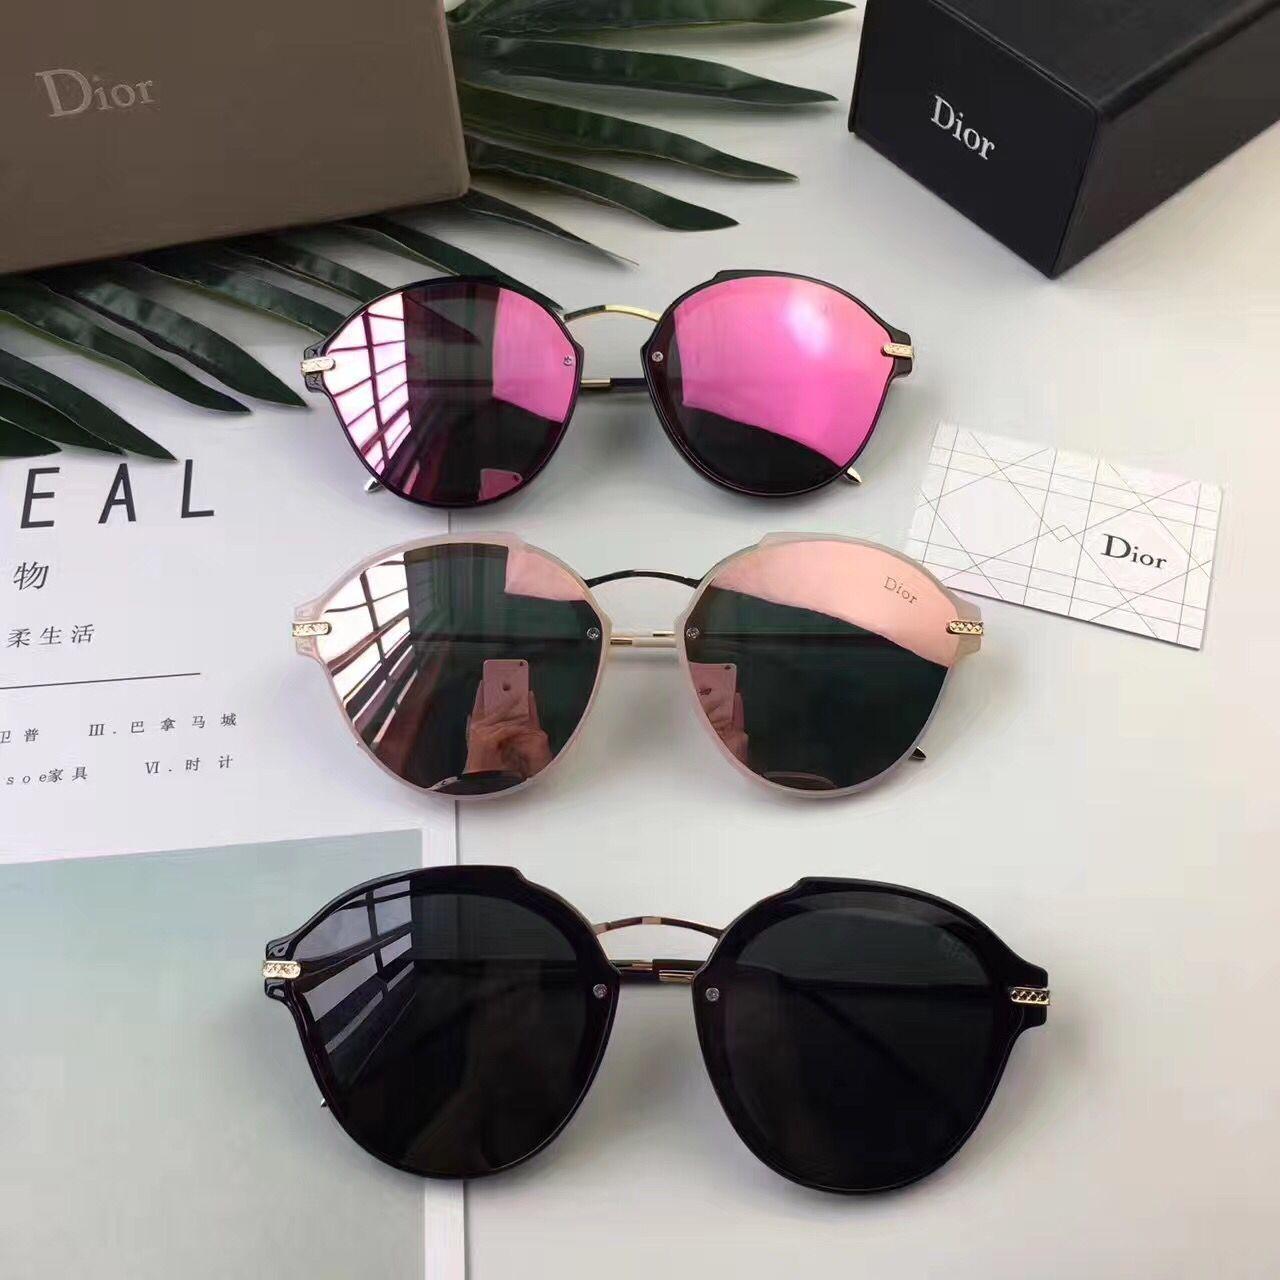 00c7cfe6a6f9f Óculos De Sol · Dior 1932 (29usd)